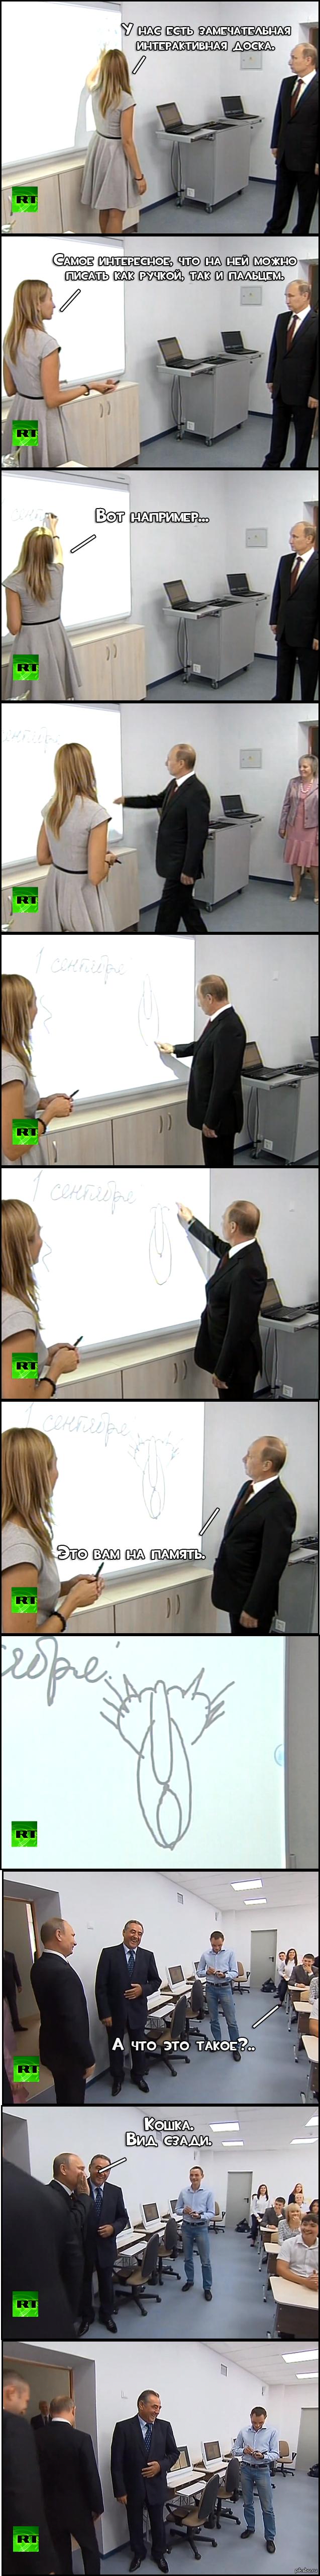 Путин-шутник (: Недавно на Пикабу выкладывали это видео, но оно особо не набрало плюсиков. Думаю здесь больше любят комиксы чем видео... Путин, шутка, длиннопост